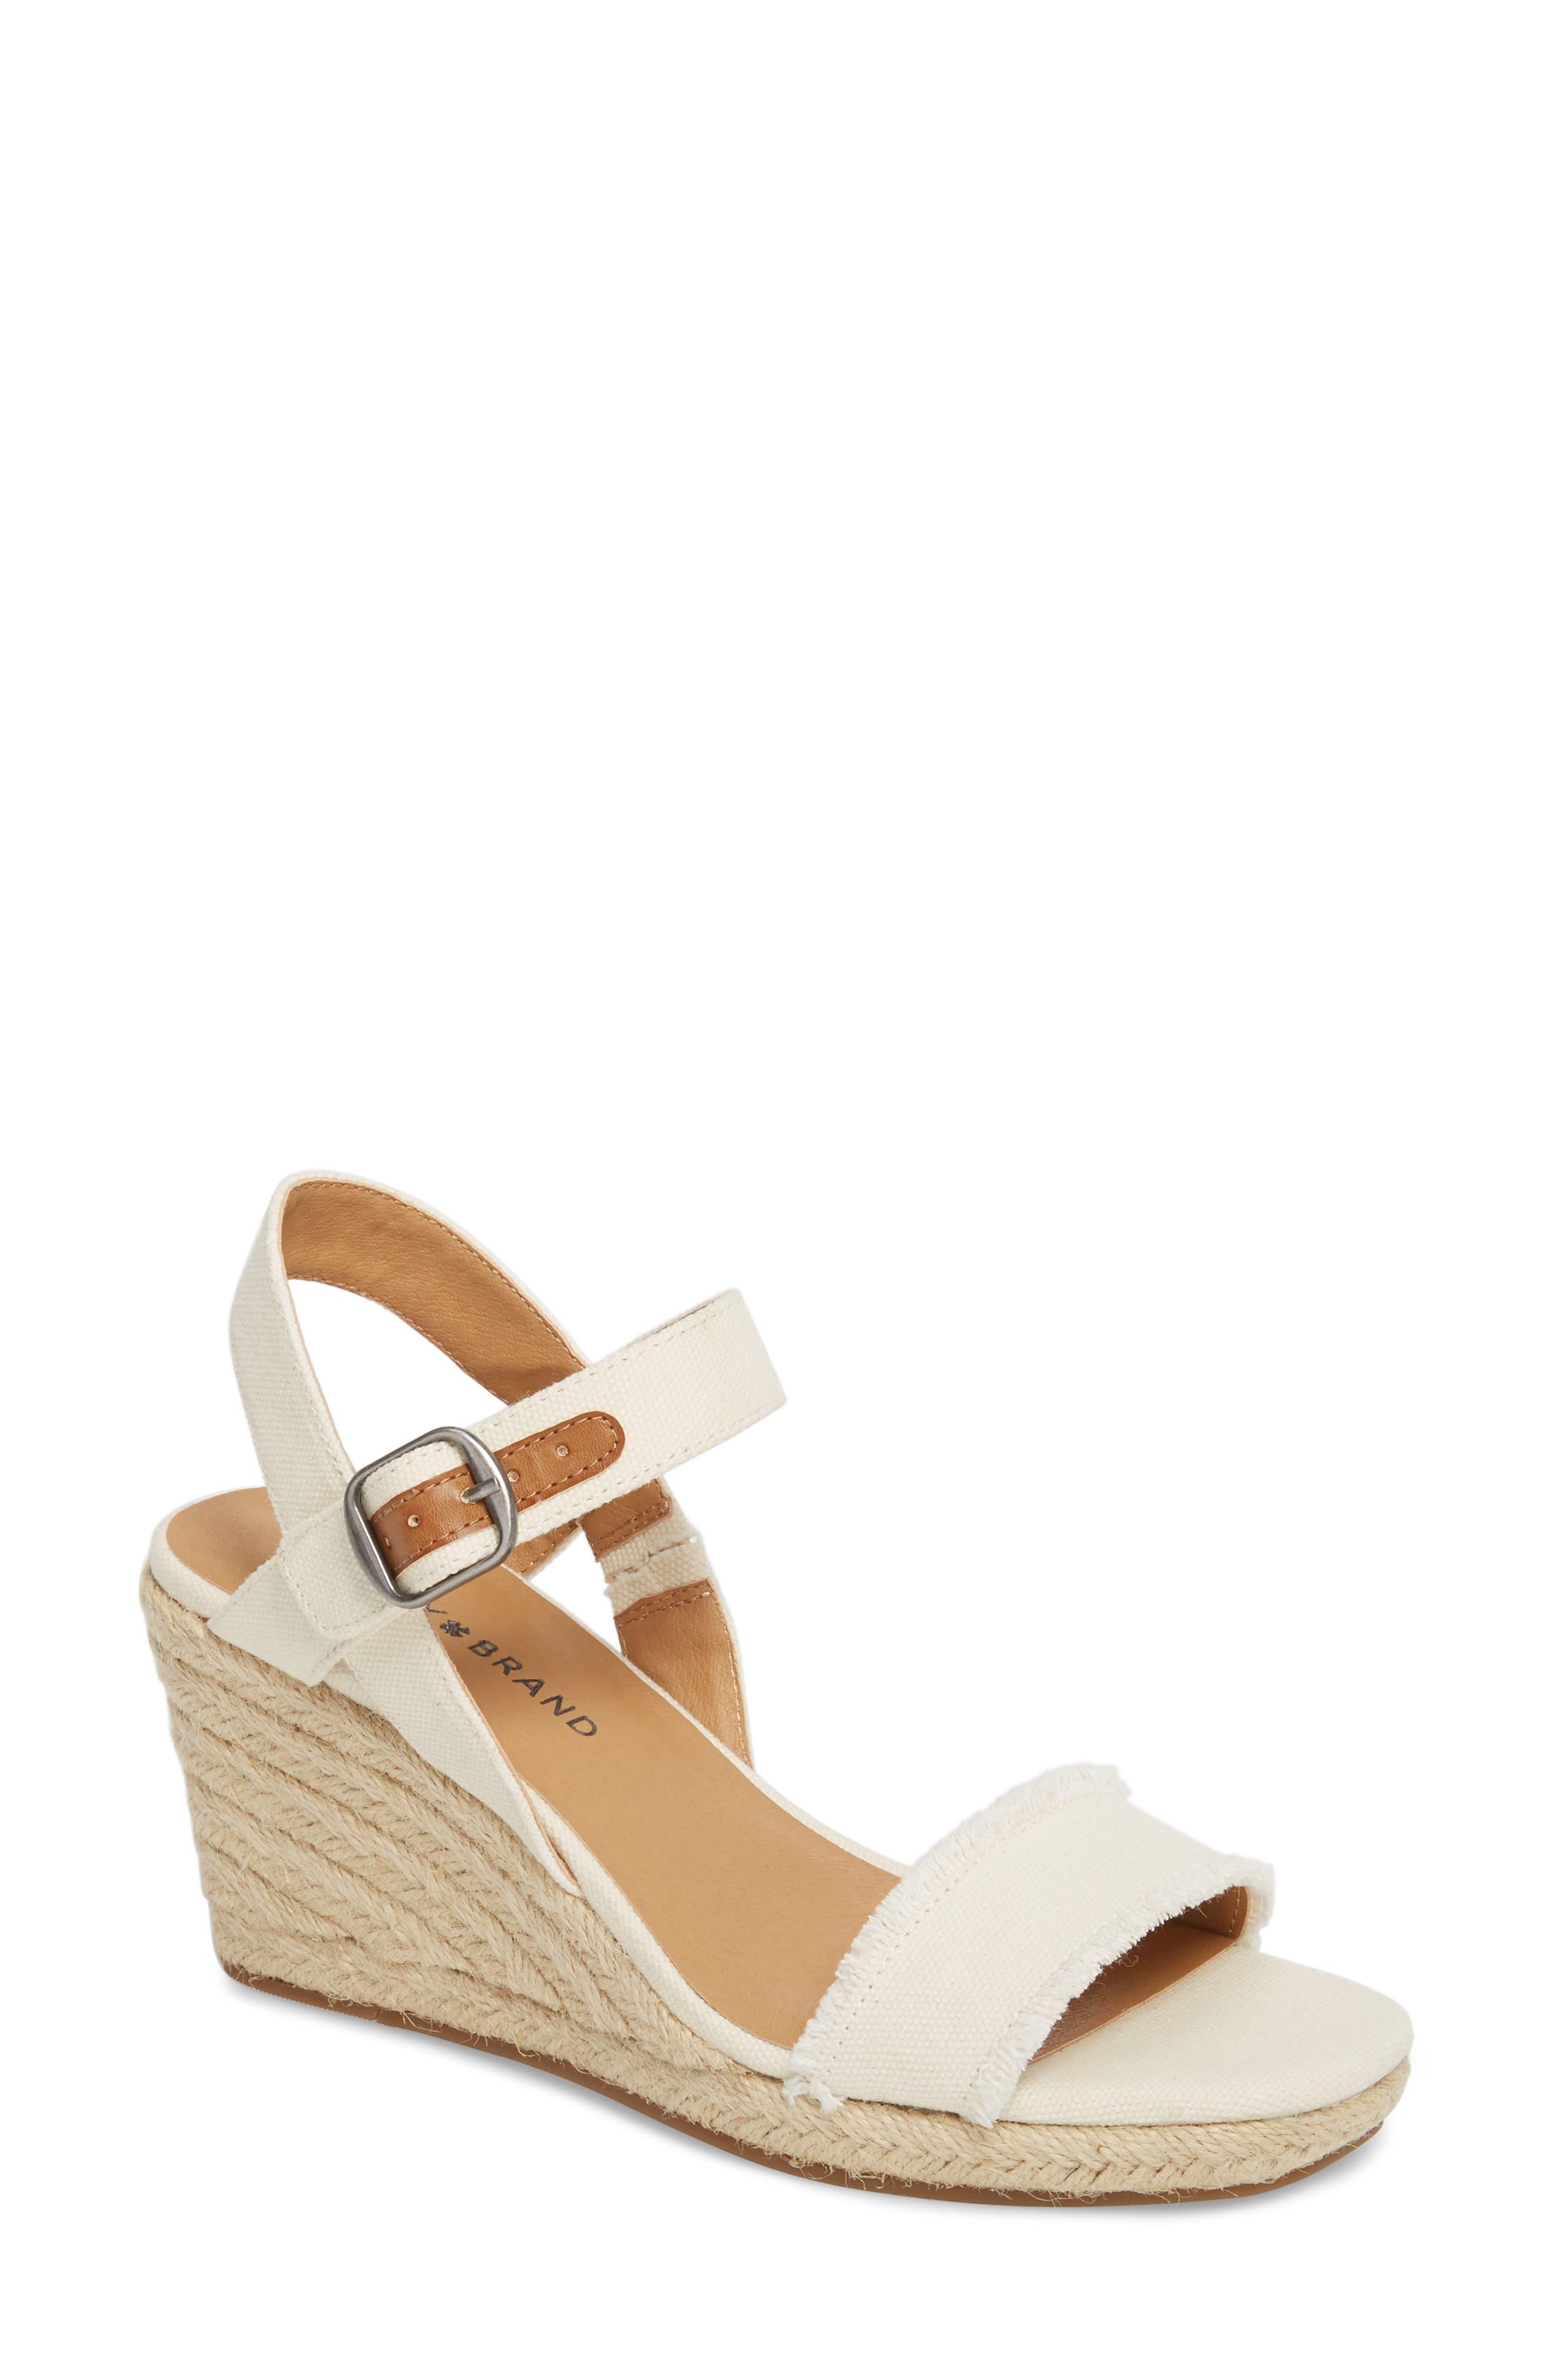 Alternate Image 1 Selected - Lucky Brand Marceline Squared Toe Wedge Sandal (Women)